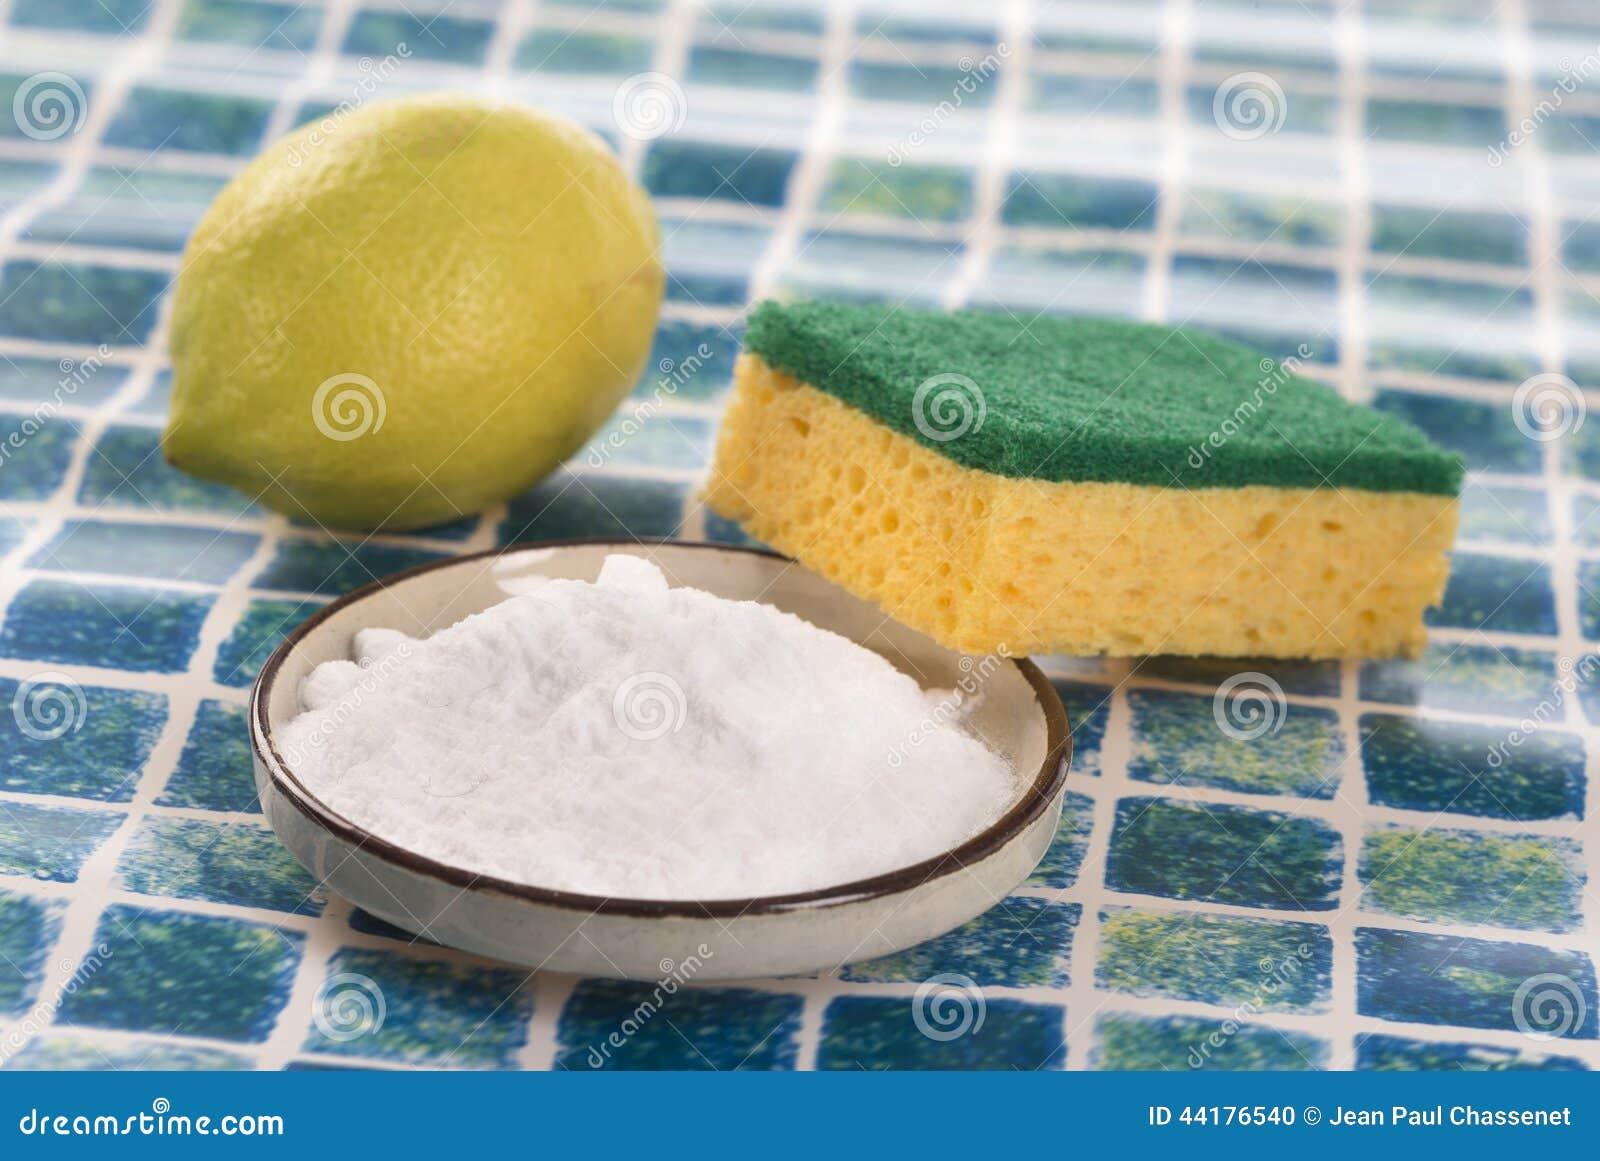 Limpiadores orgánicos - bicarbonato del vinagre blanco, del limón y de sodio